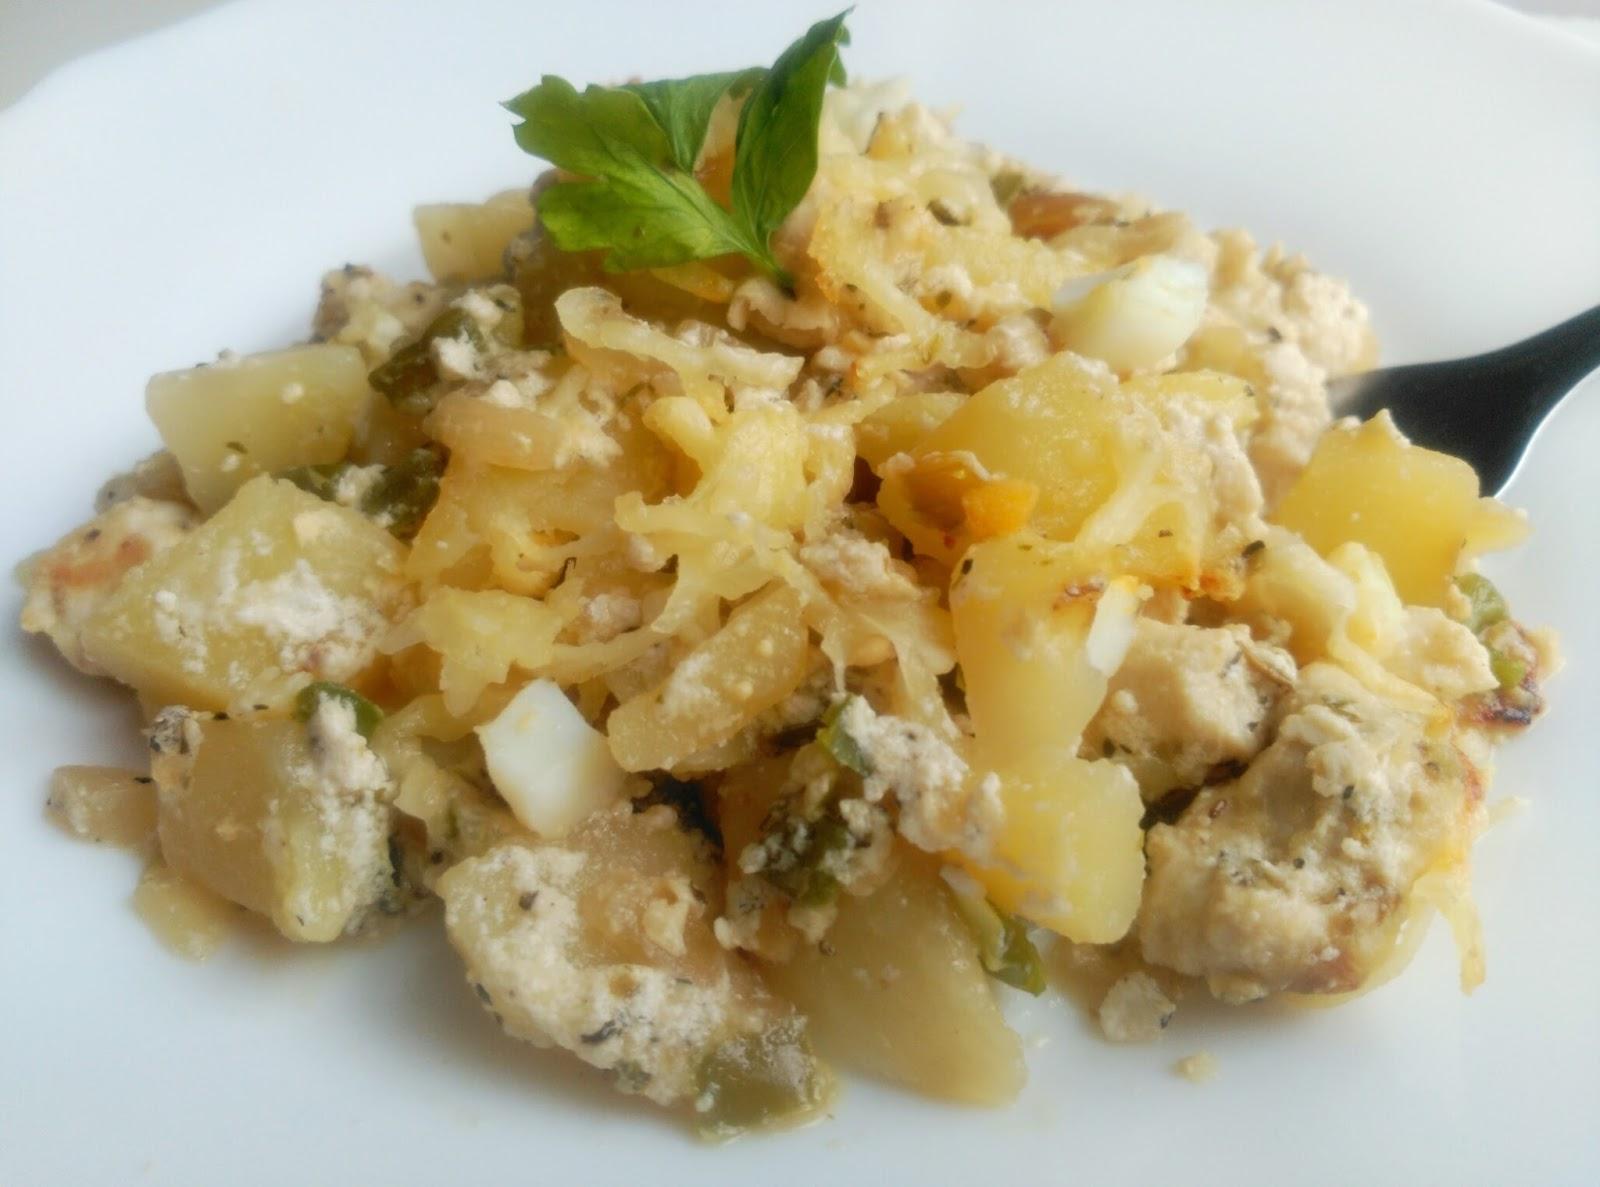 Gratinado de patatas con pollo al horno recetas fitness - Pechugas de pollo al horno con patatas ...